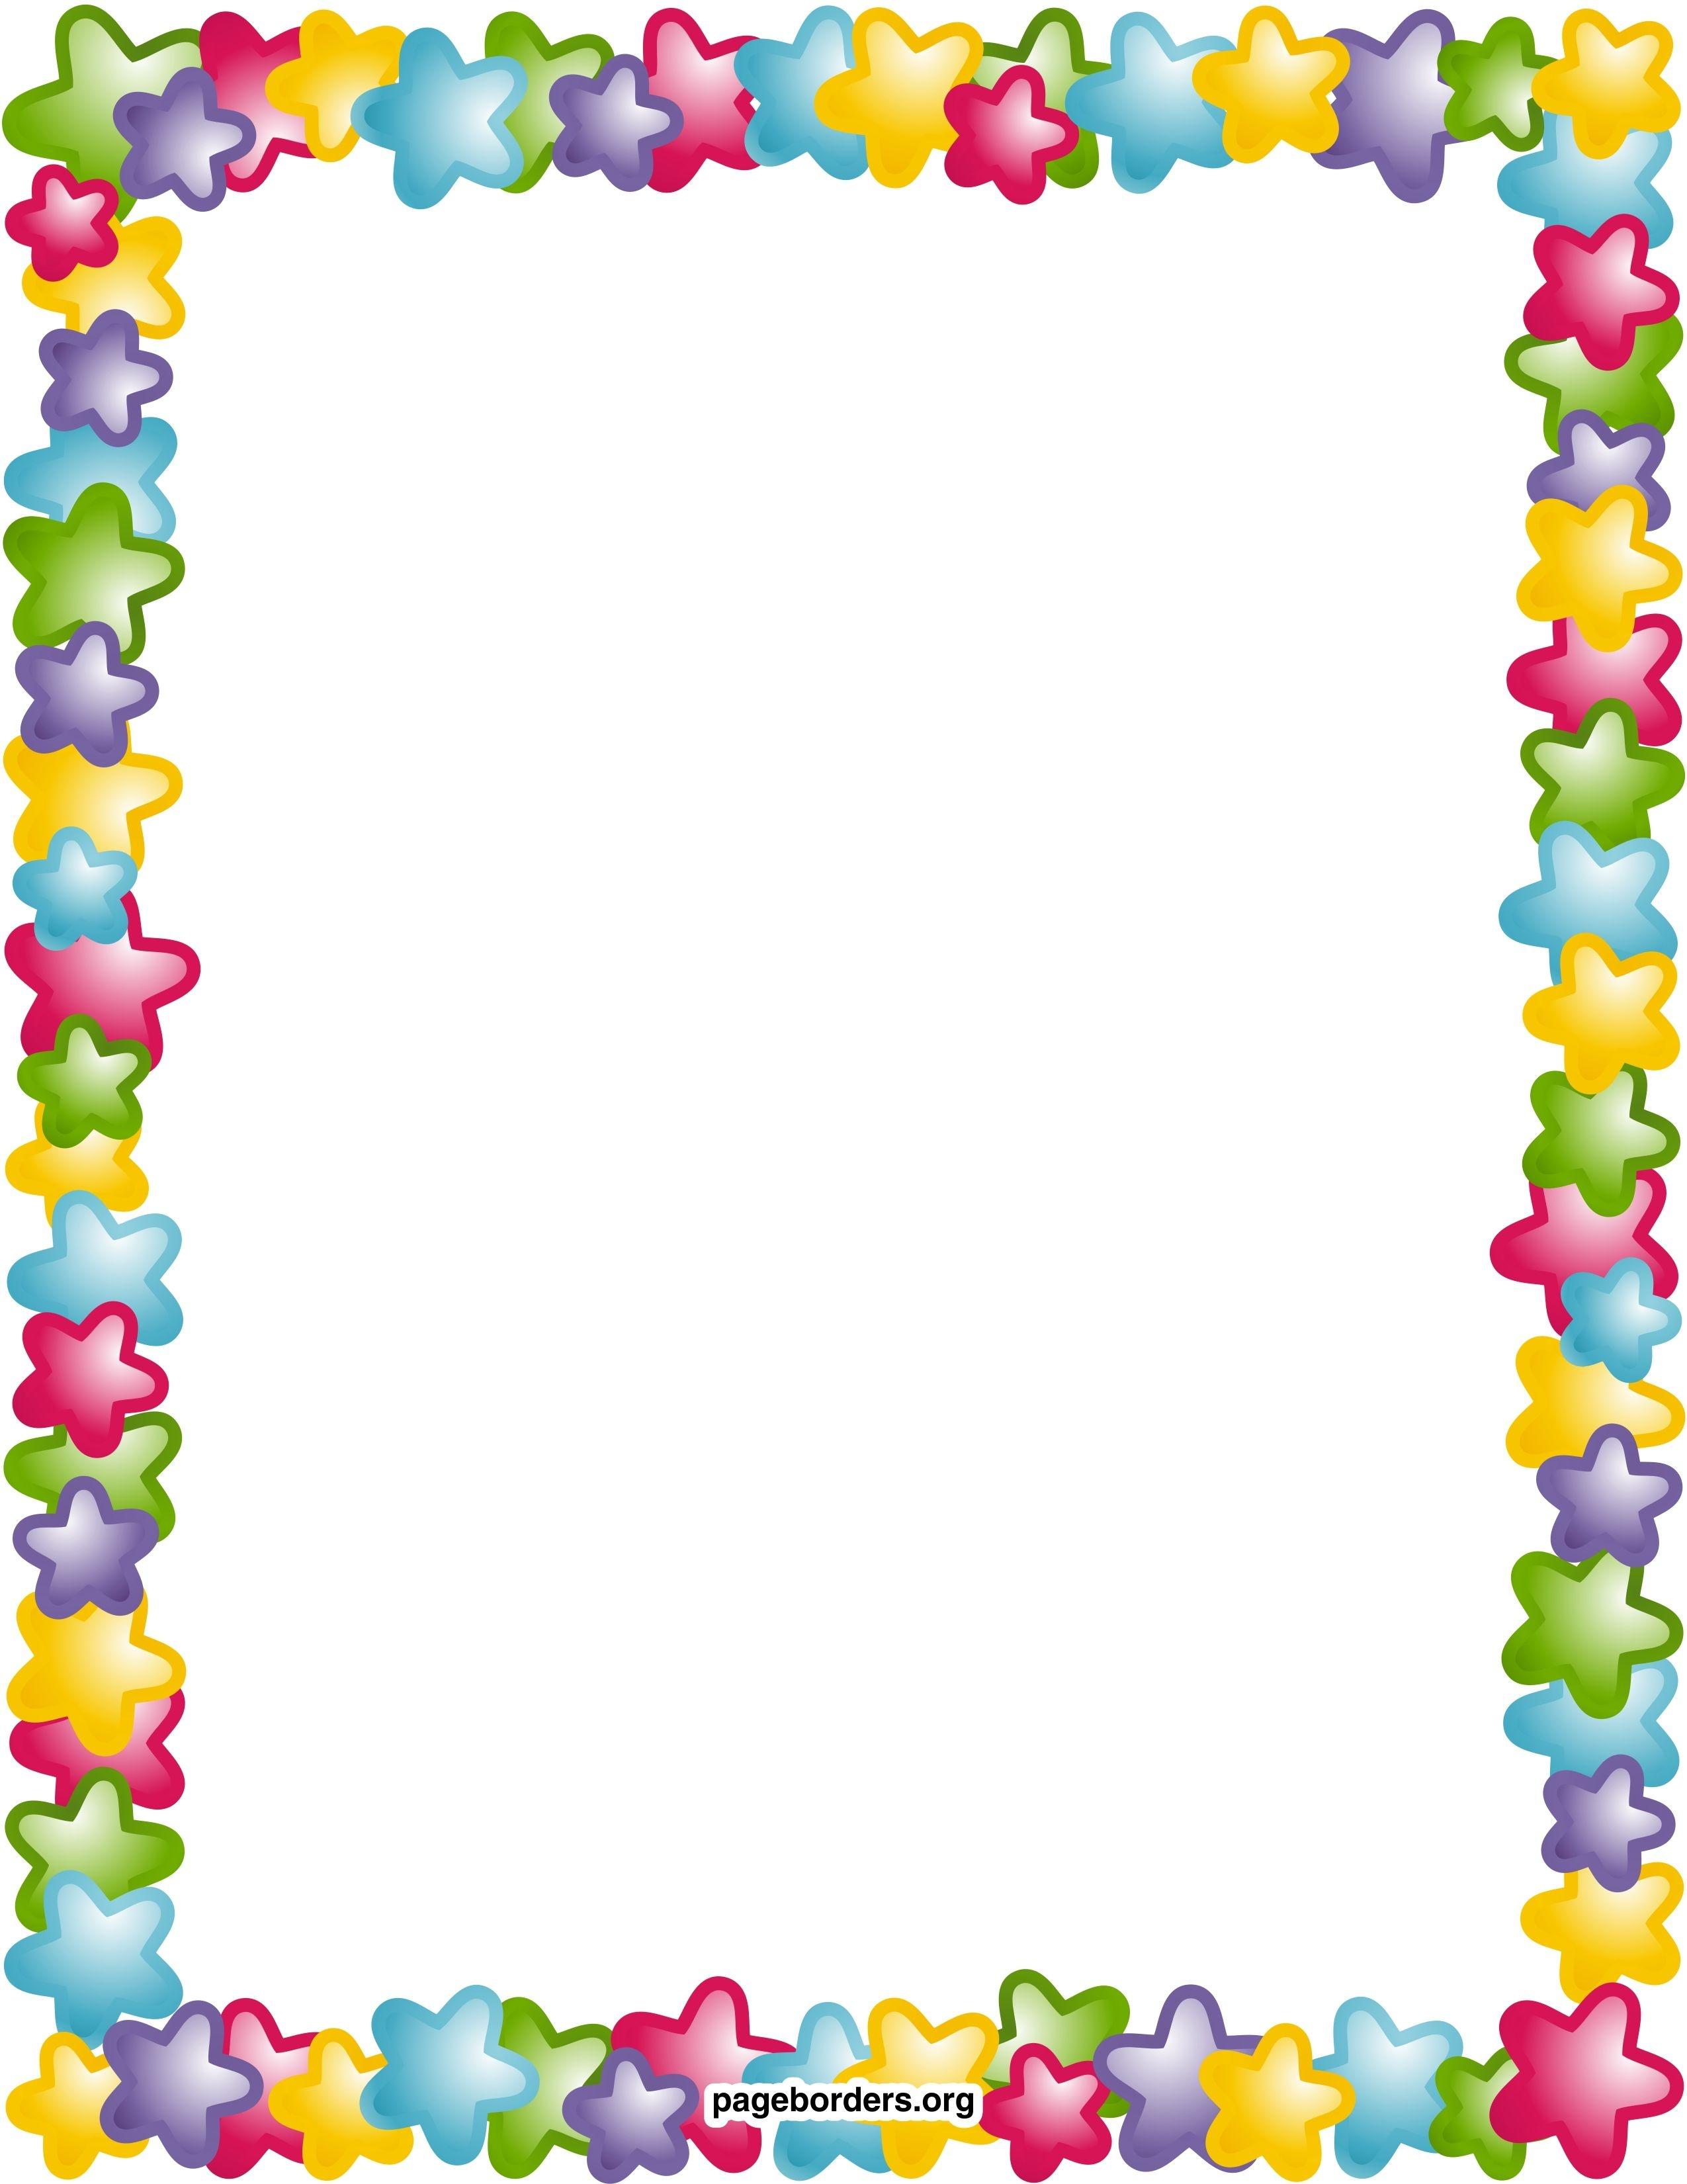 Free Printable Page Borders And Frames Image Gallery - Photonesta - Free Printable Borders And Frames